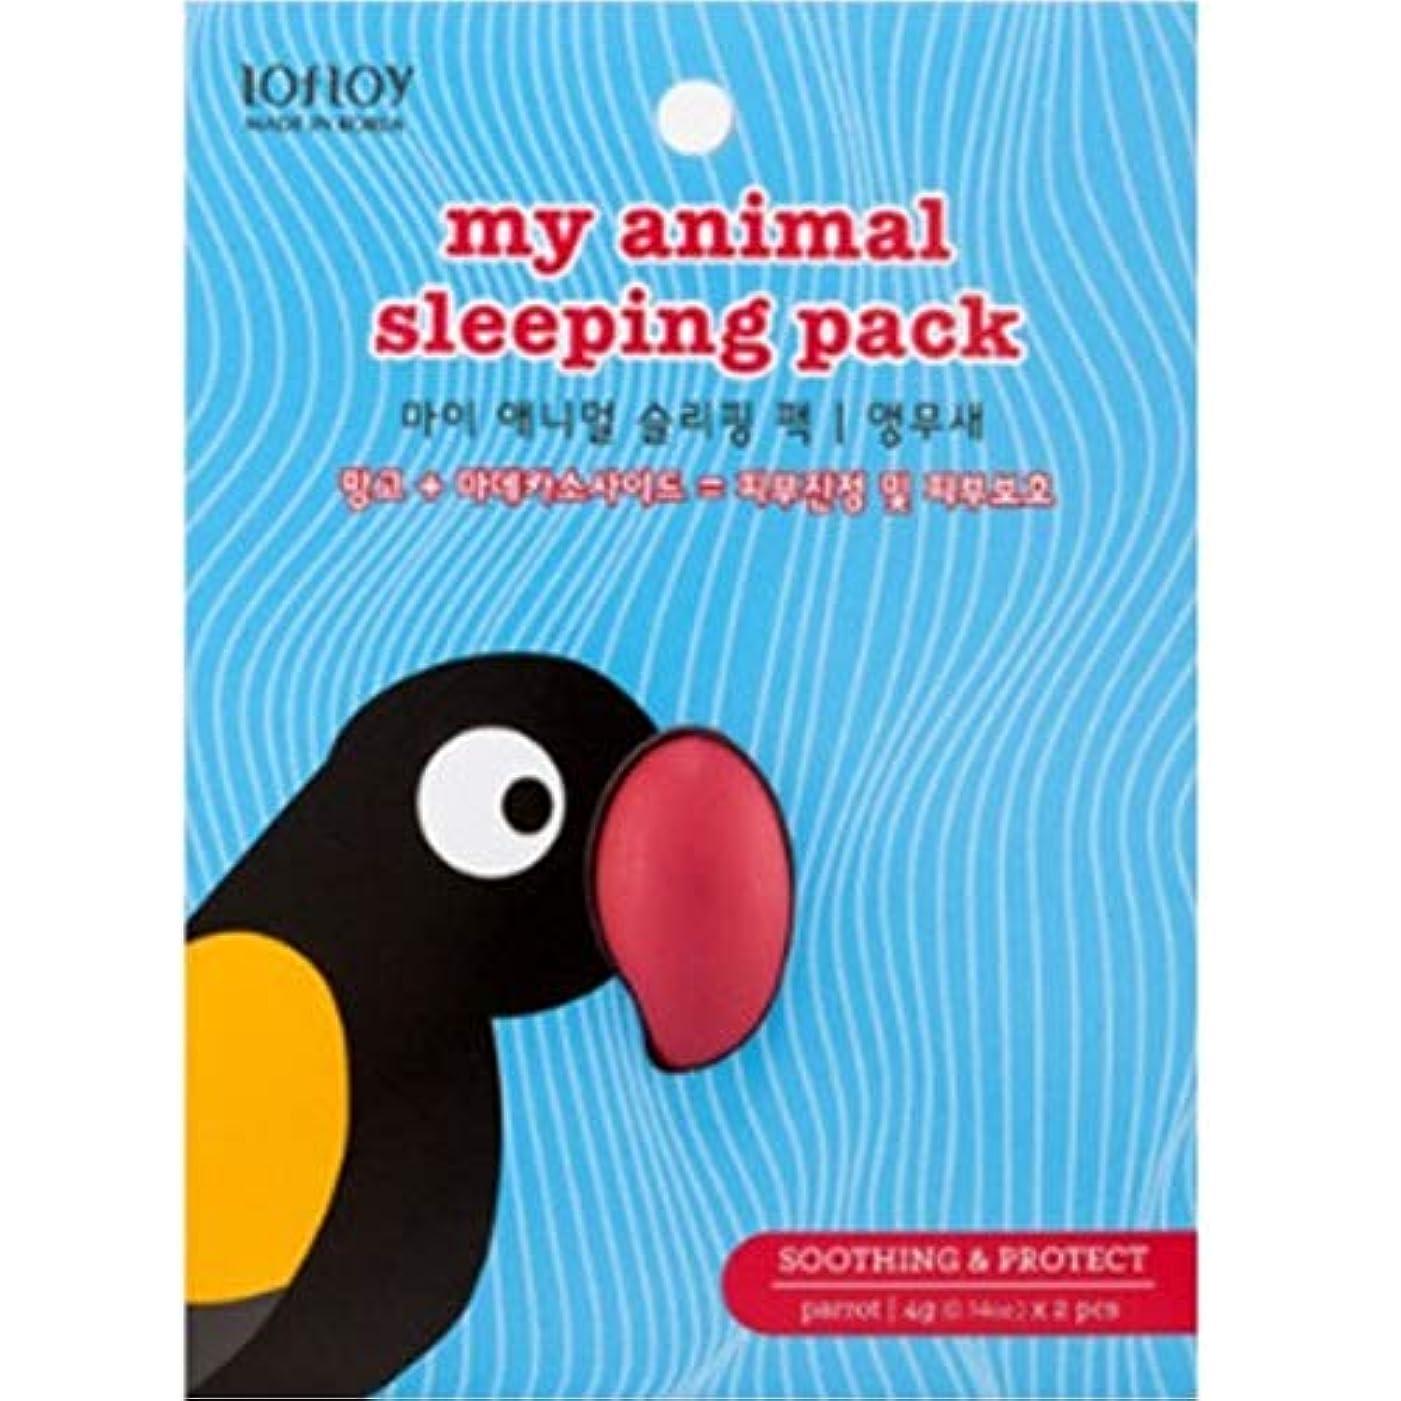 盆ヨーロッパ和LOFLOY My Animal Sleeping Pack Parrot CH1379393 4g x 2PCS [並行輸入品]